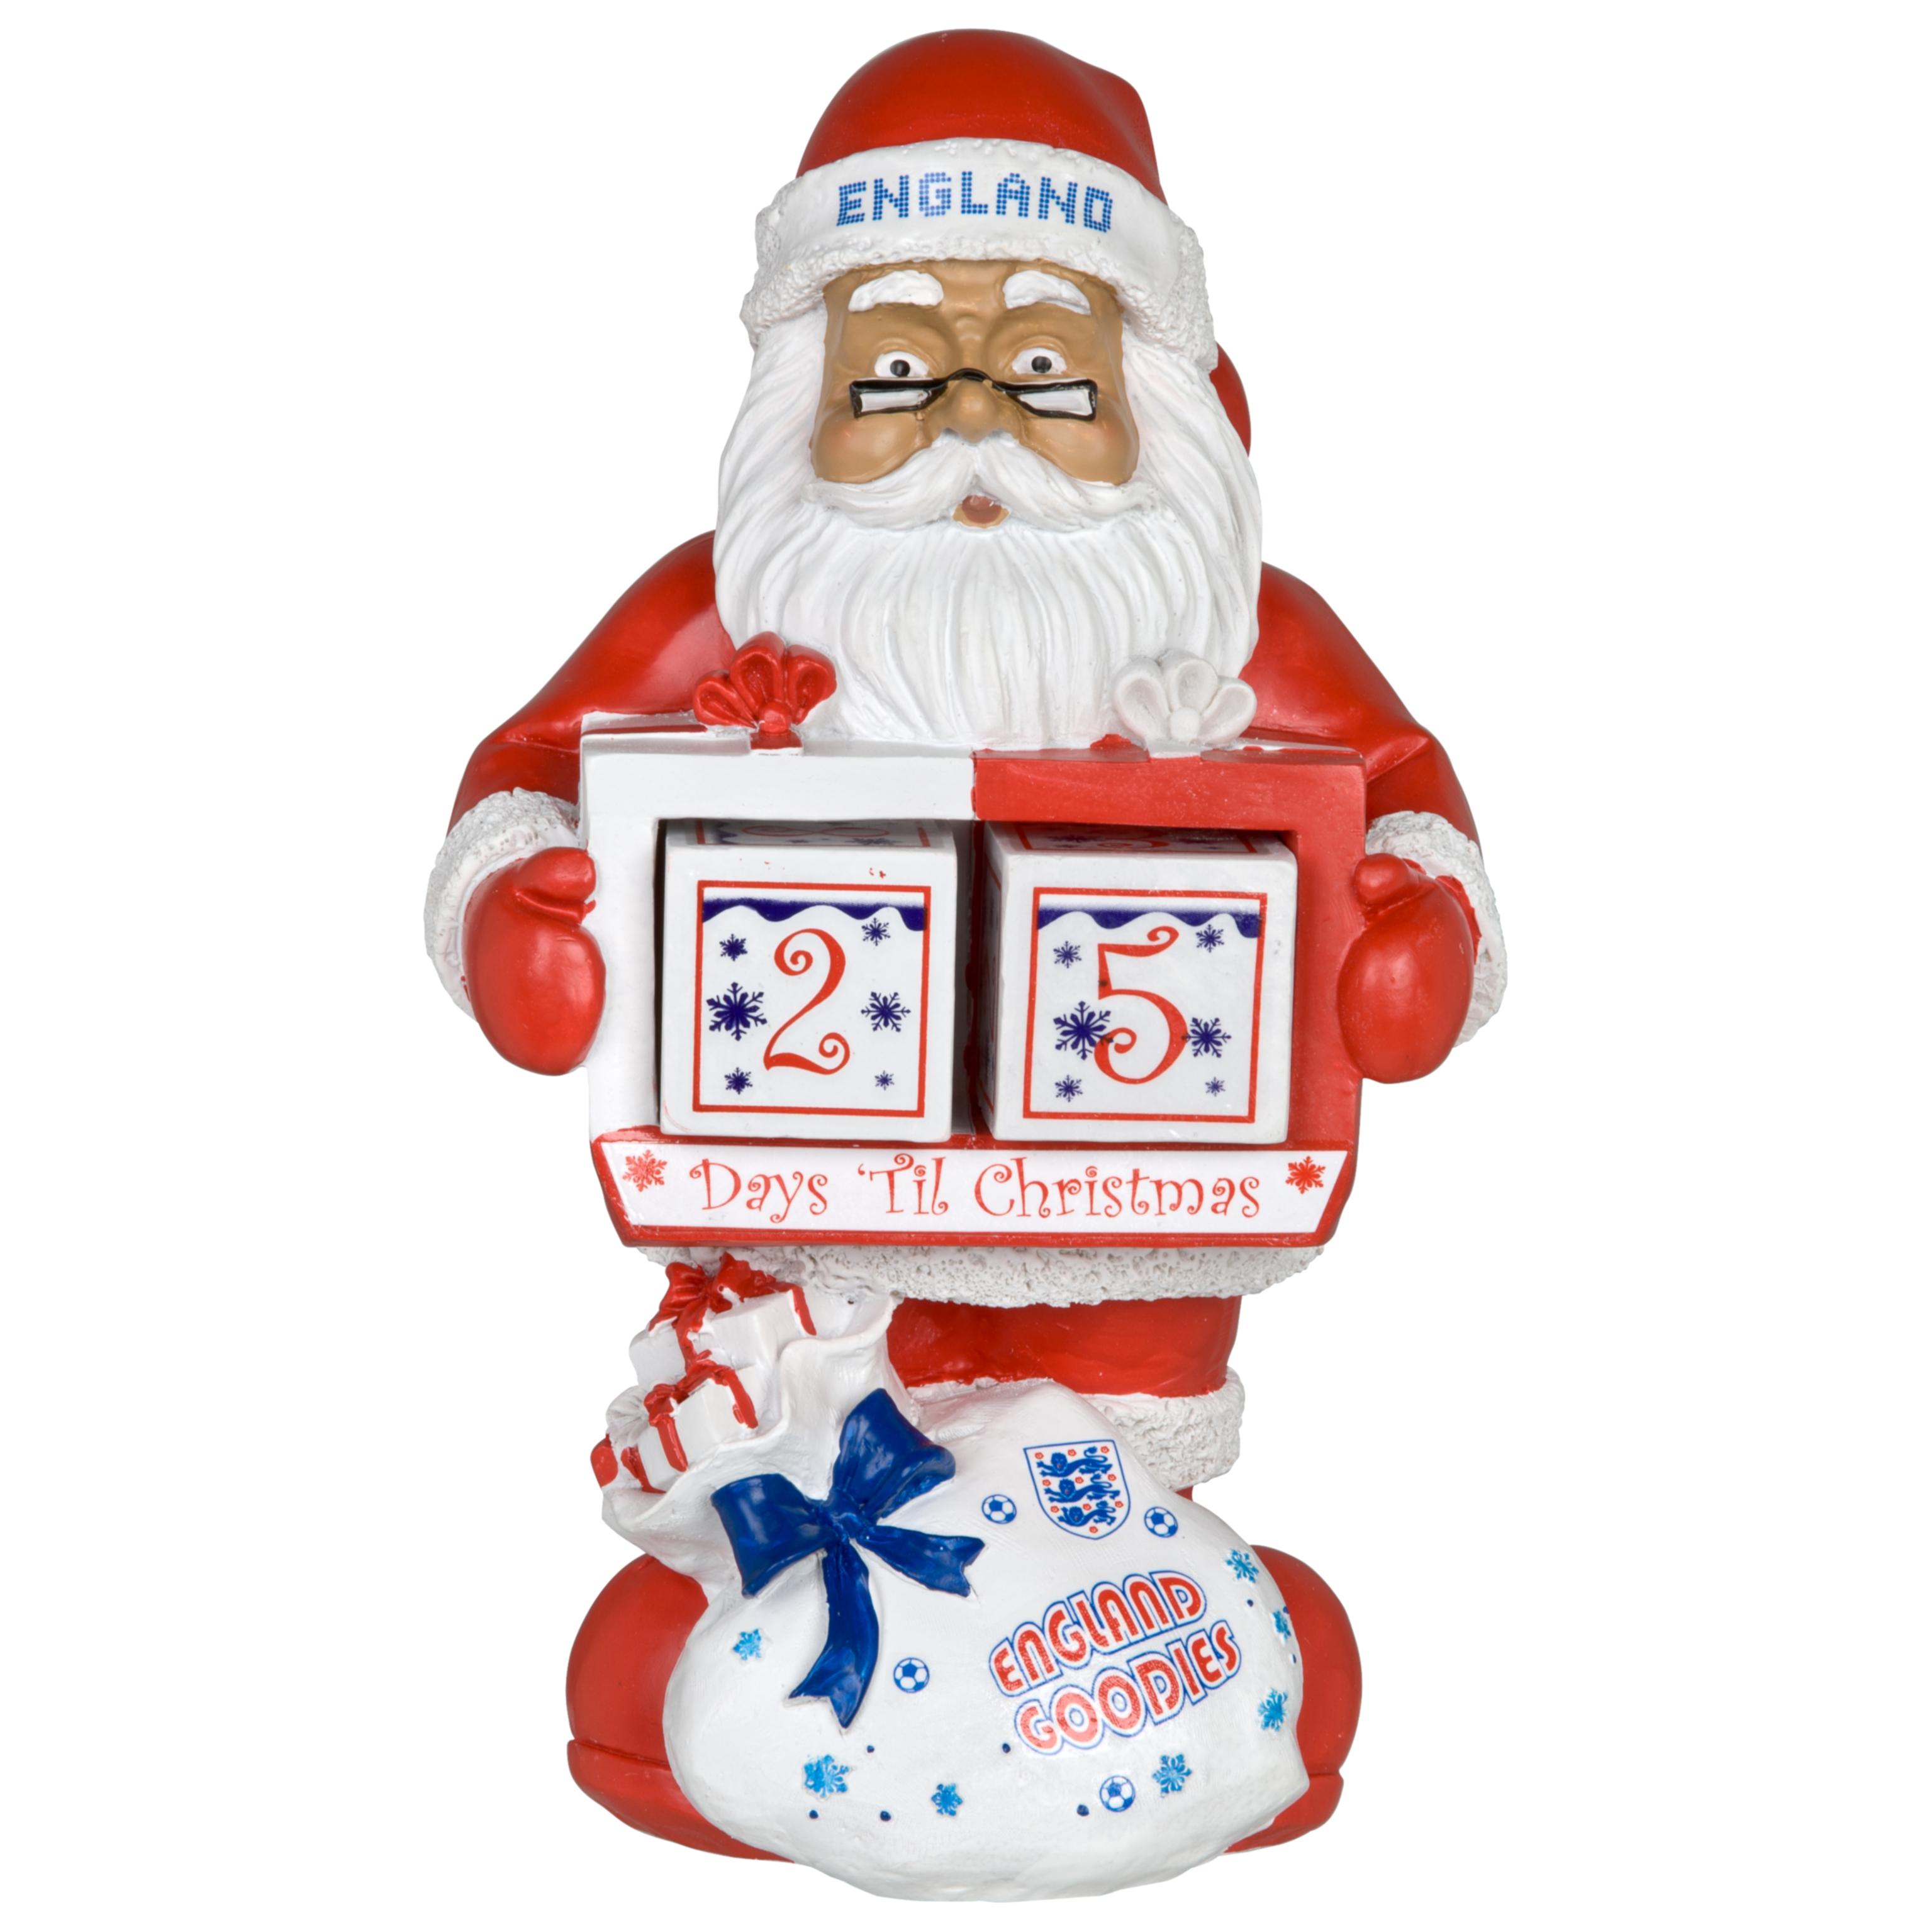 England FA Christmas Countdown Calendar Gnome